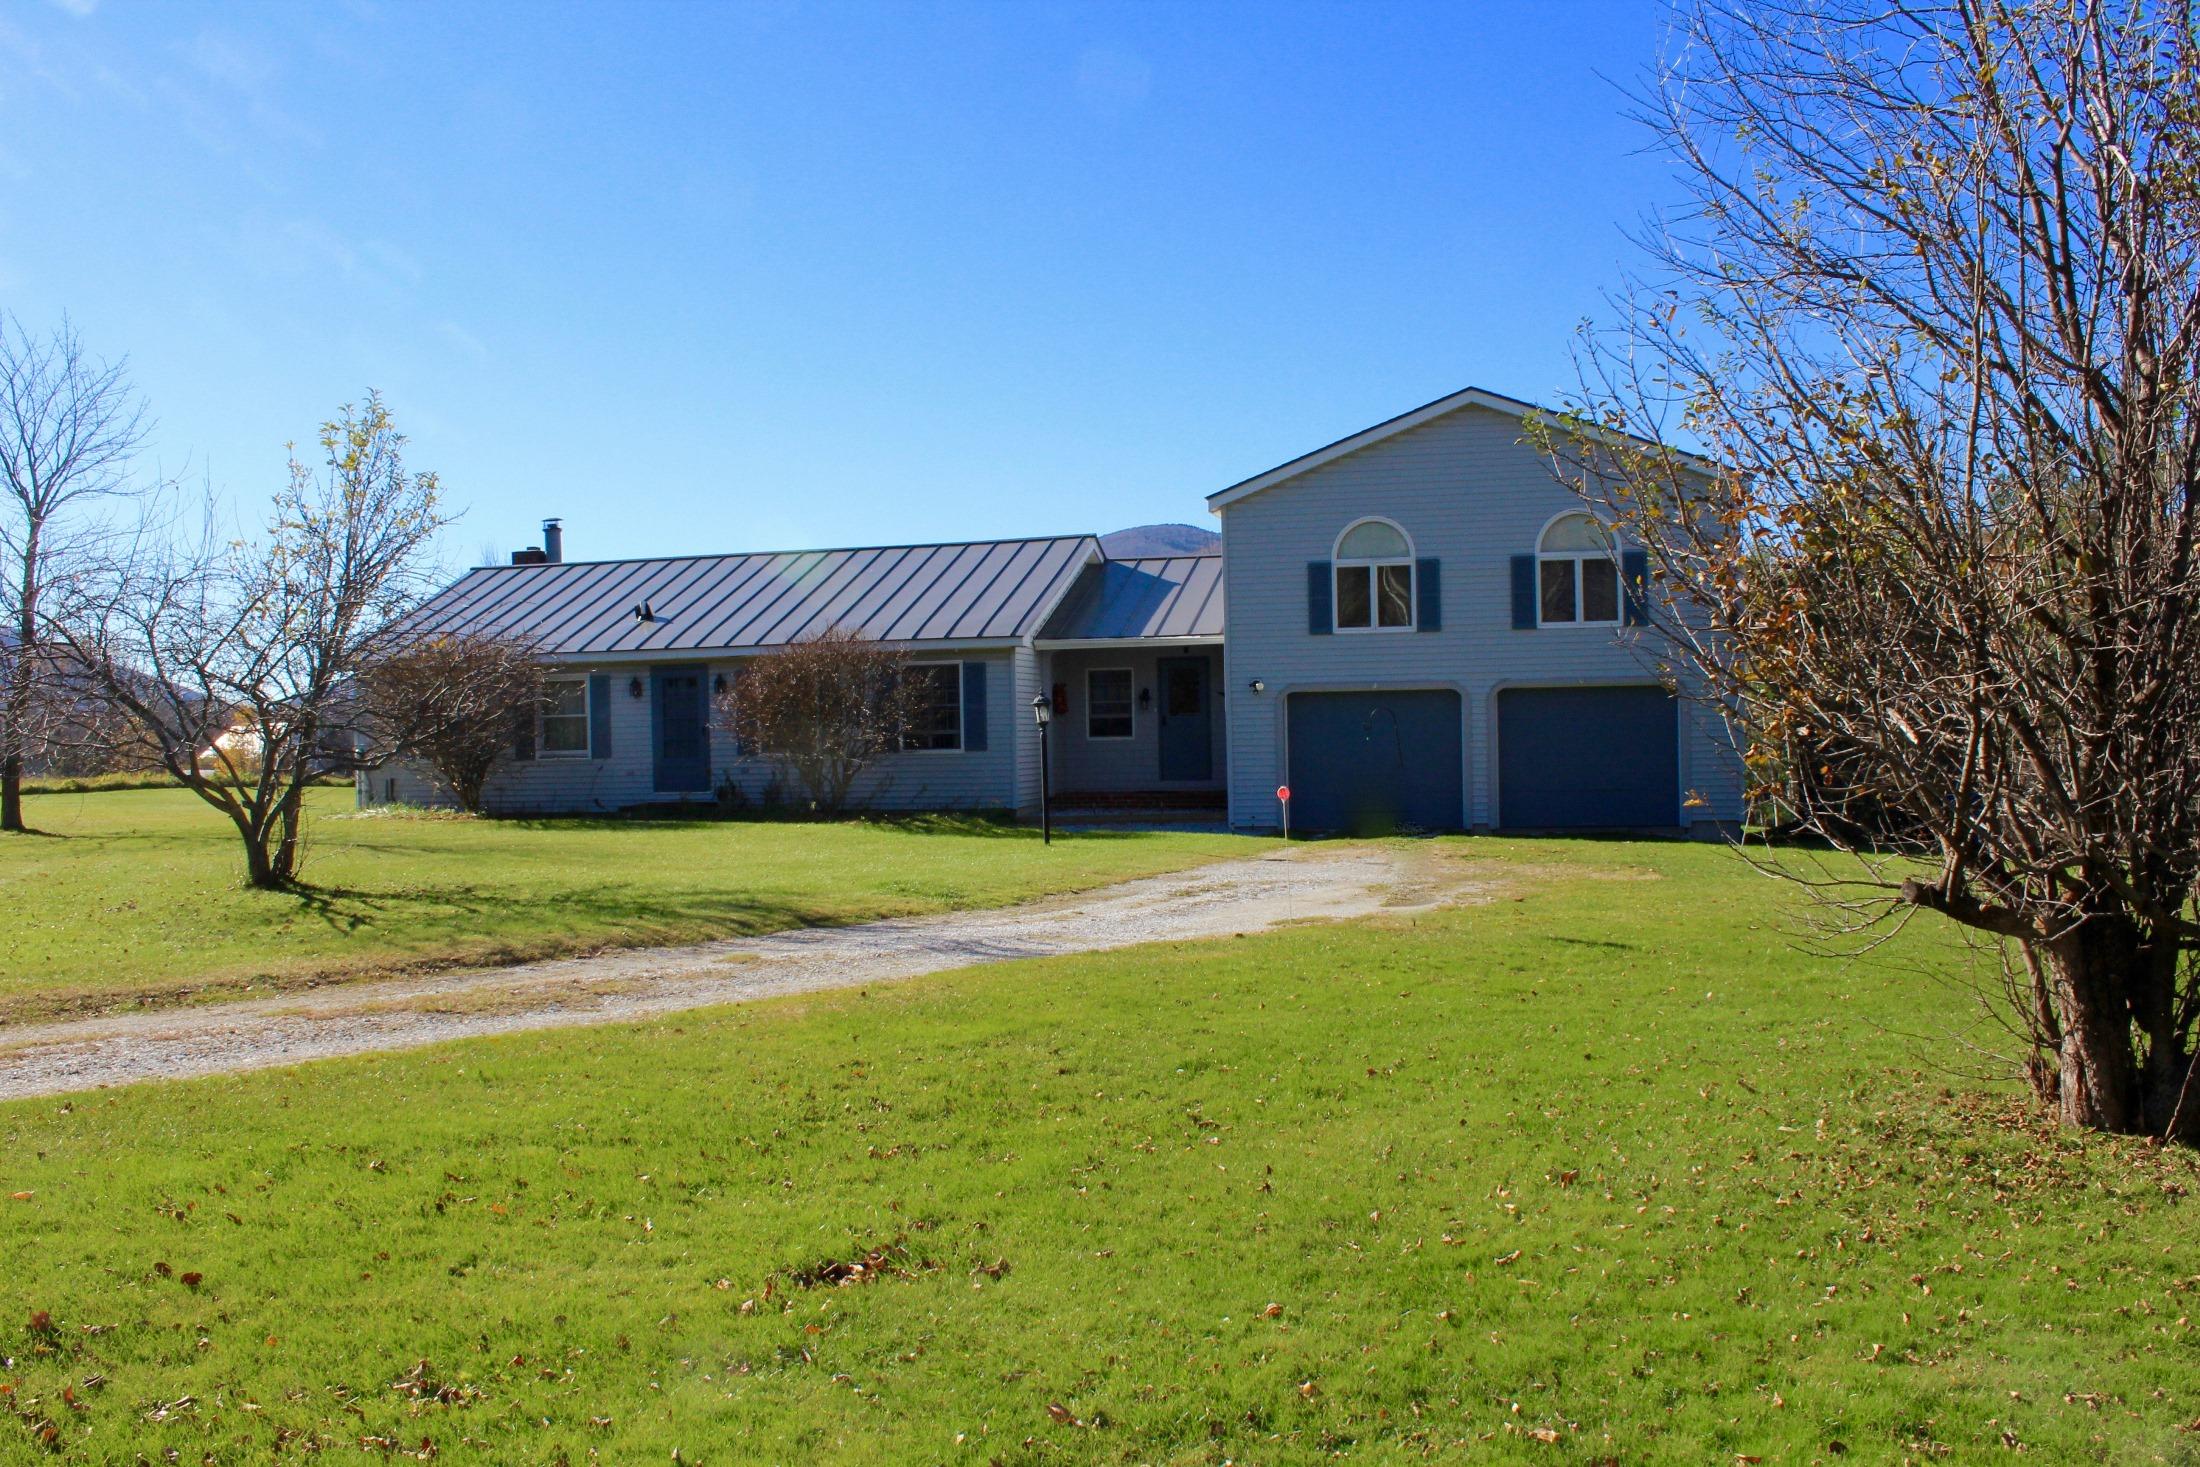 Maison unifamiliale pour l Vente à 153 Tinmouth, Danby Danby, Vermont 05739 États-Unis